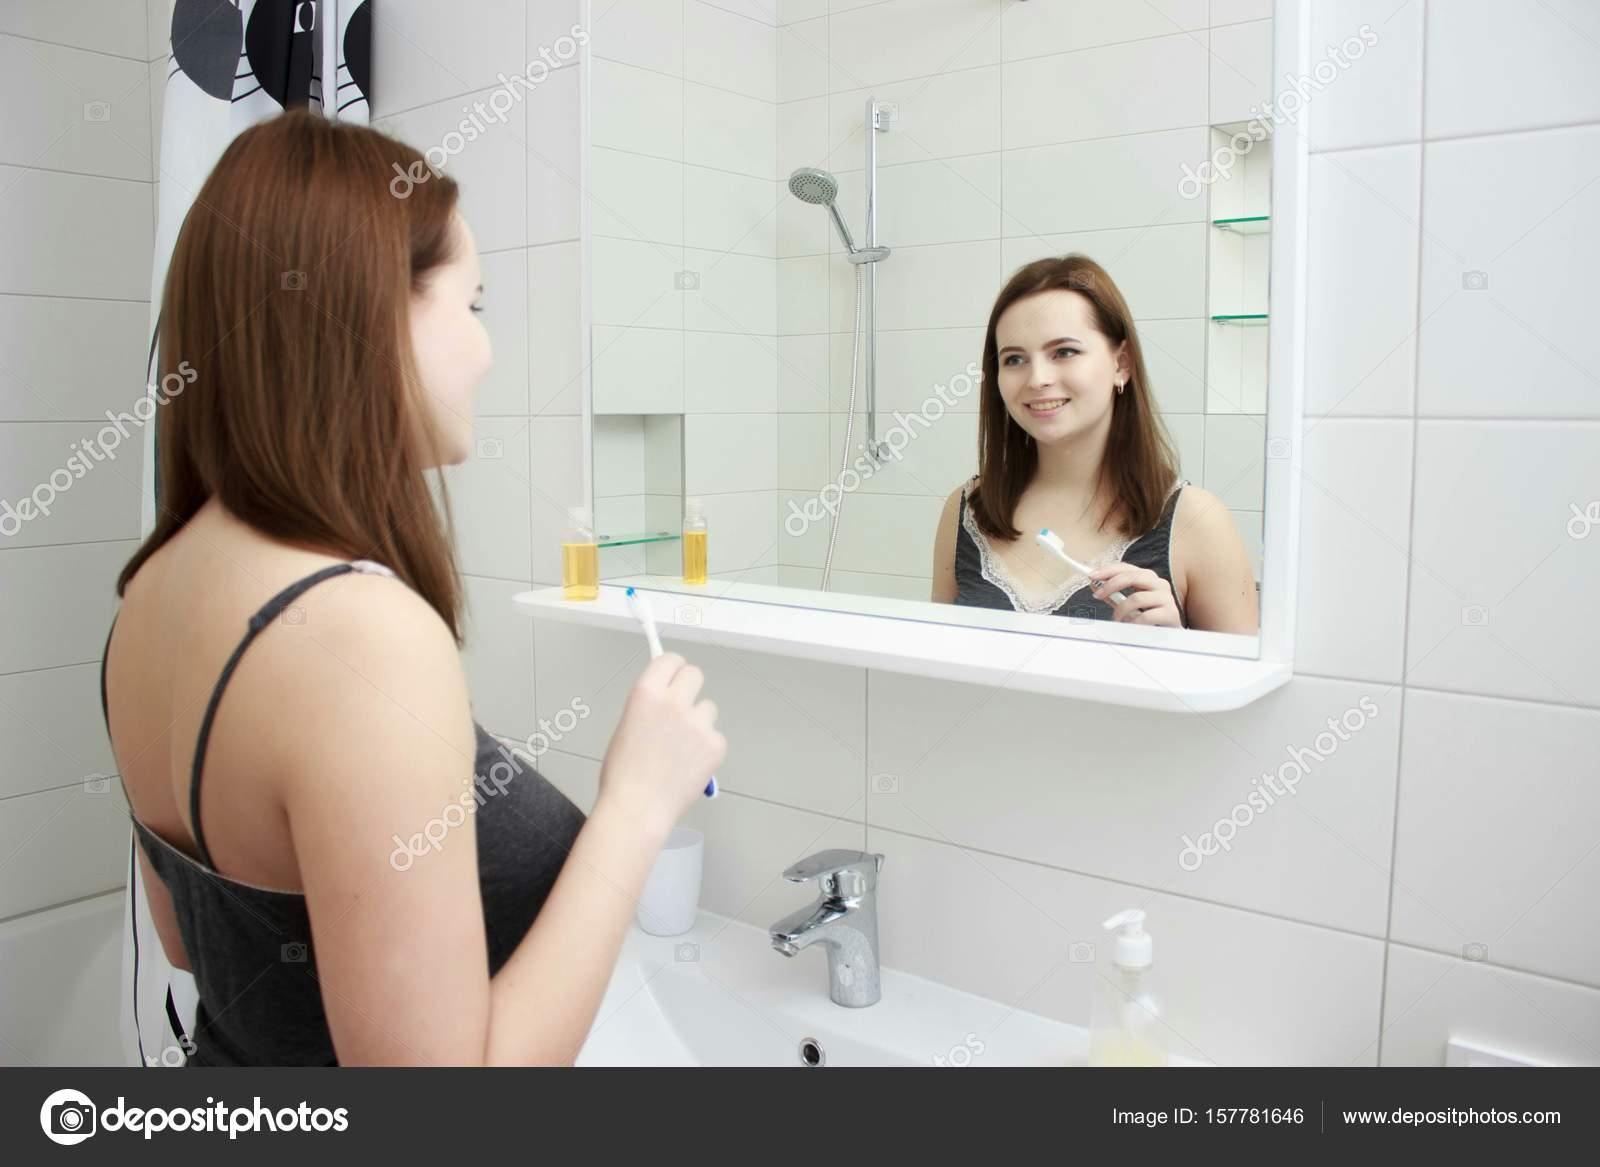 Nieuwe Badkamer Poetsen : Portret van gelukkig meisje in de badkamer haar tanden poetsen